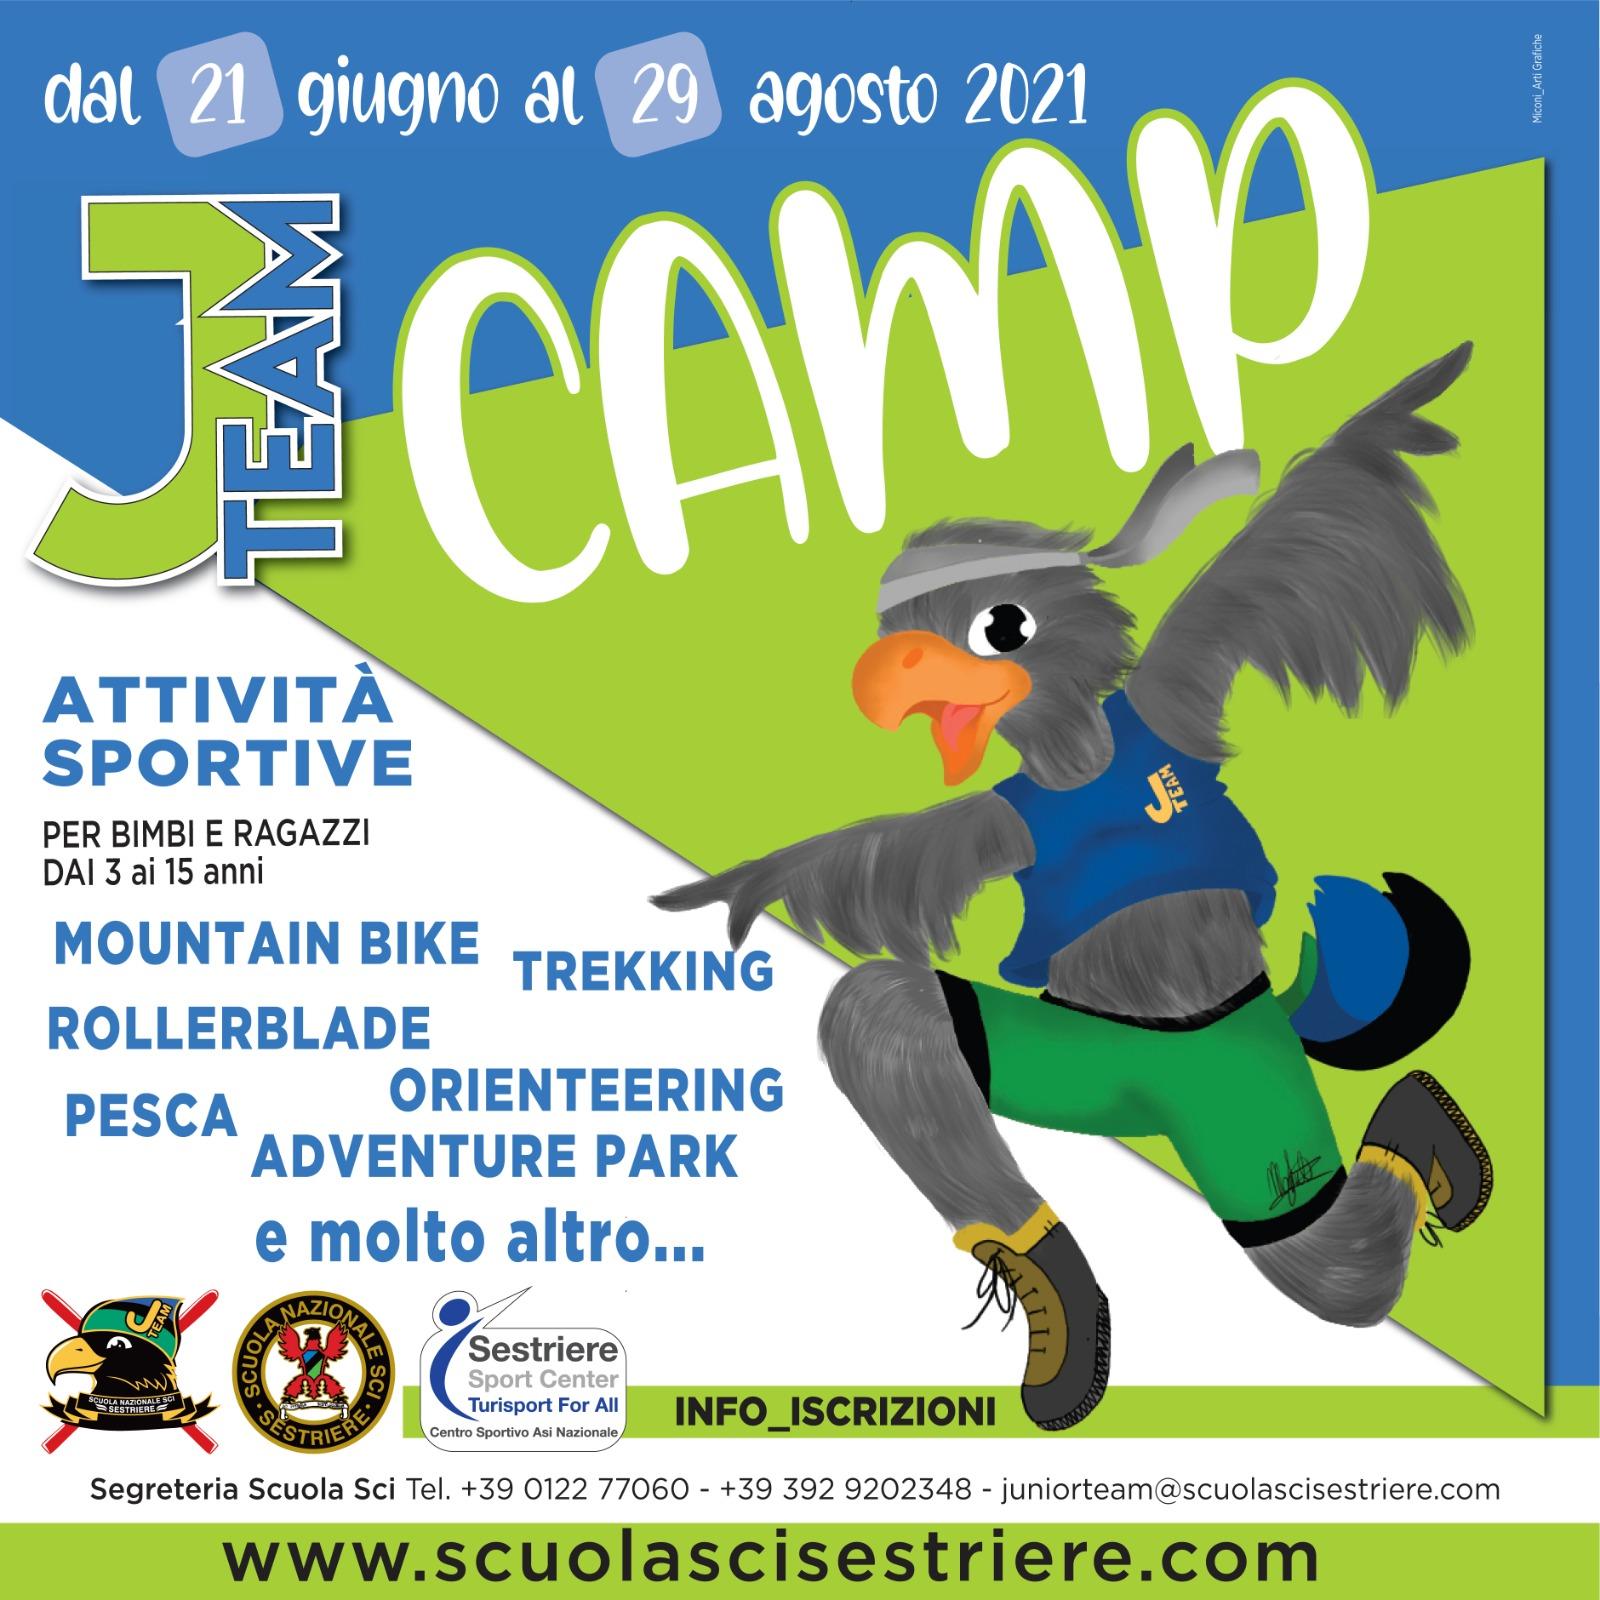 J TEAM CAMP per un'altra estate indimenticabile!